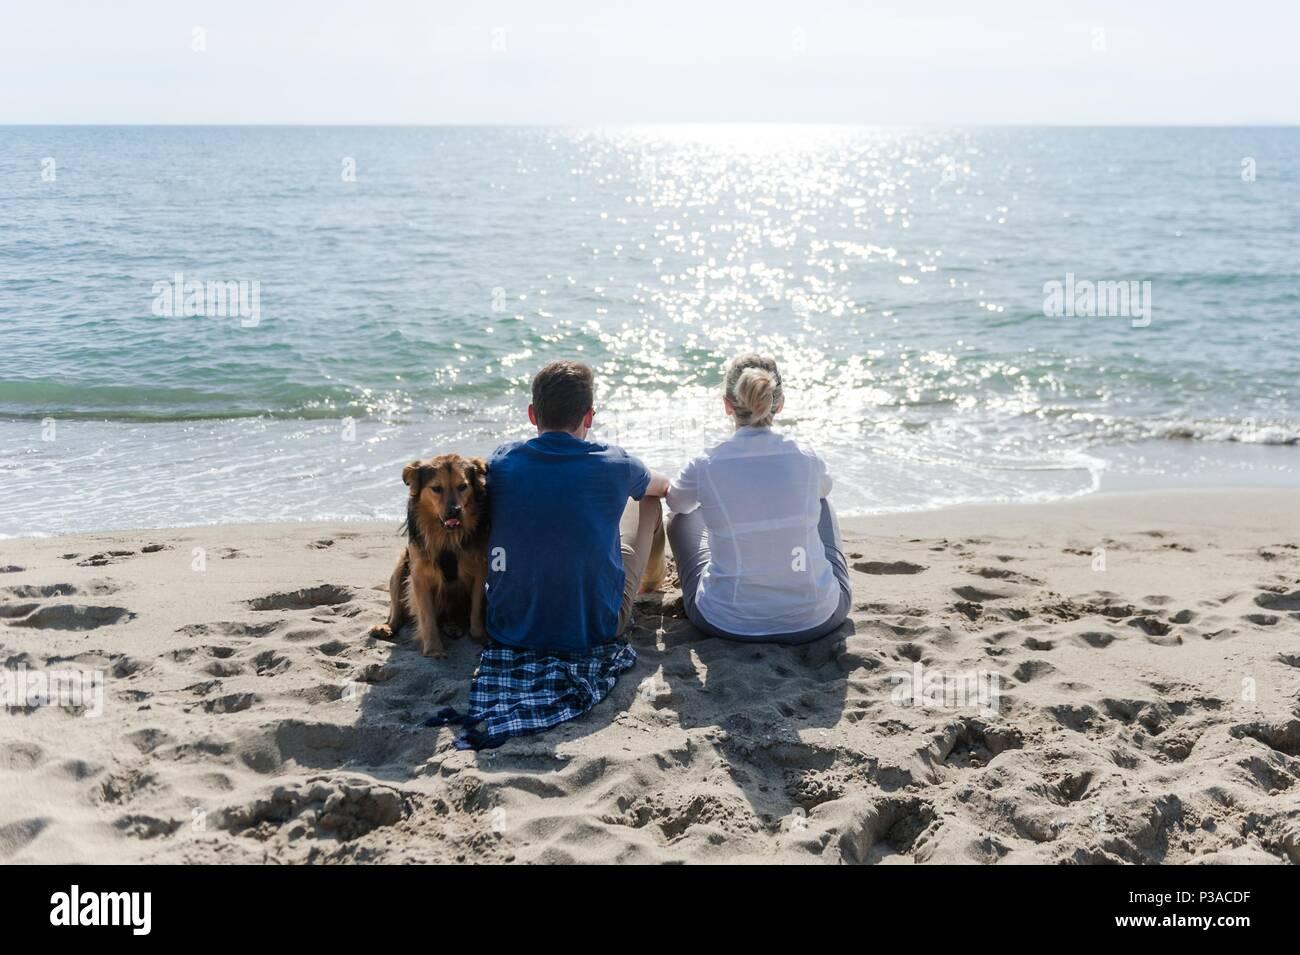 Mutter mit ihrem Sohn und ihrem Hund am Strand den Sonnenuntergang zu beobachten. Stockbild